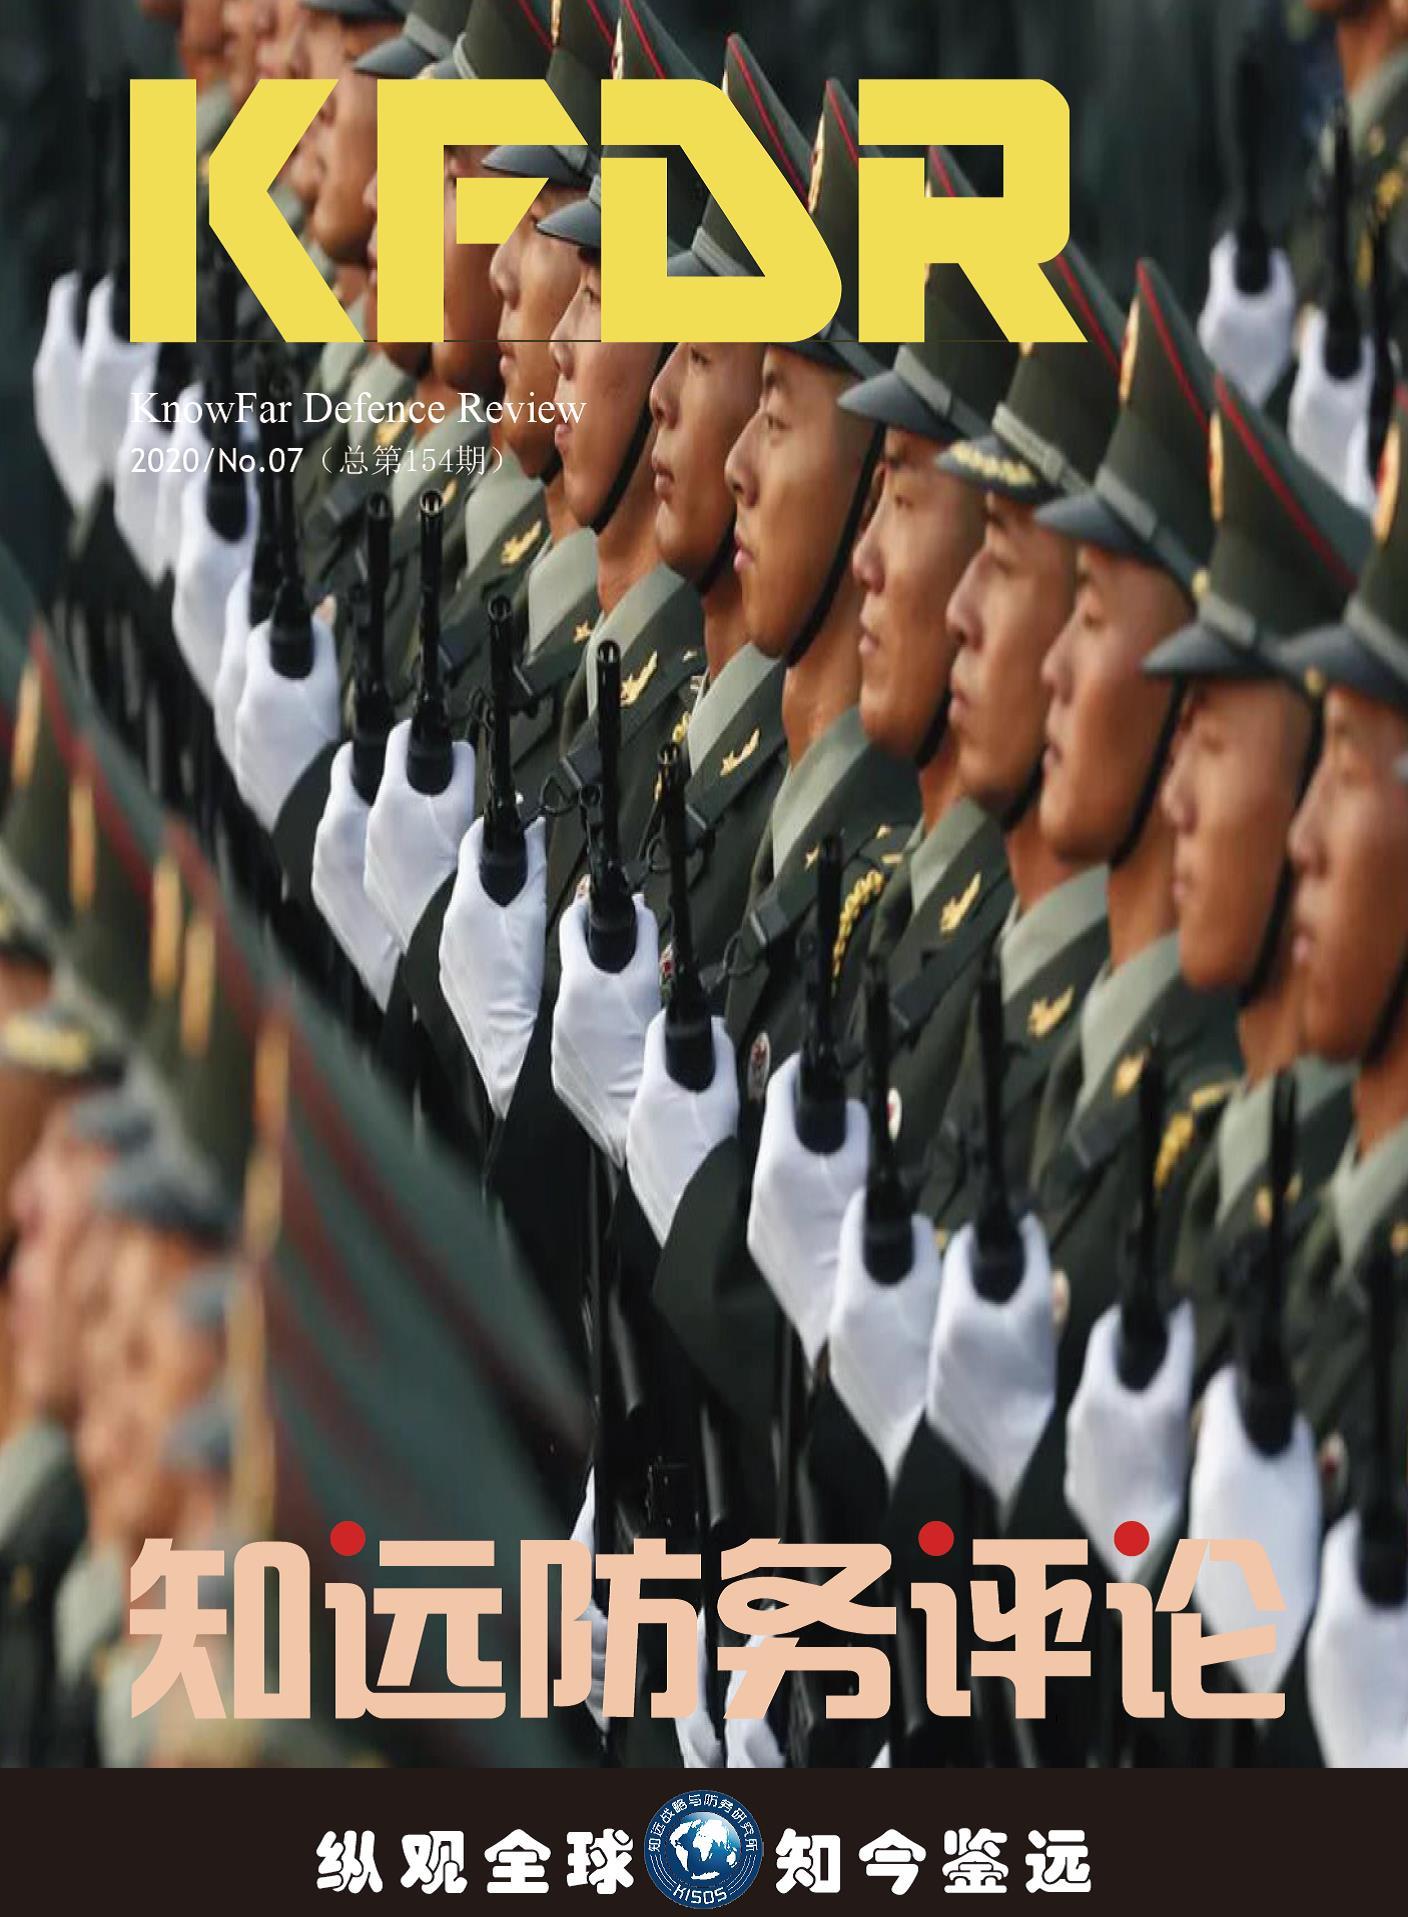 《知远防务评论》2020No.07(总第154期)